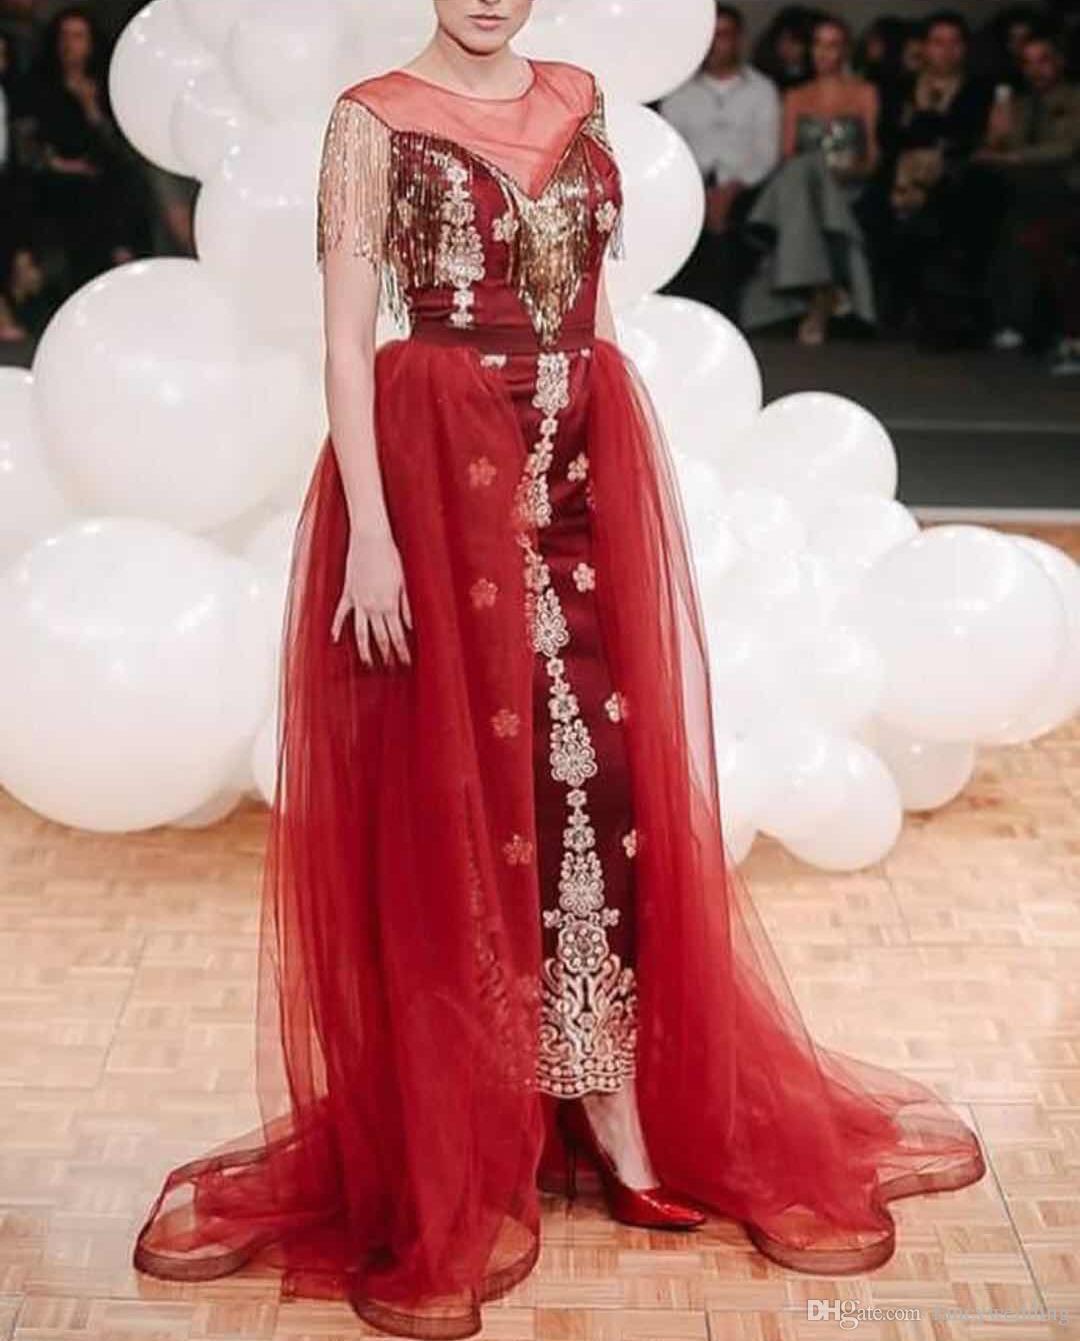 Jewel Sheer Арабский Тюль Аппликации Кисточкой Красный Развертки Поезд Многоуровневое Элегантный Гламурный Вечернее Платье Специальный Случай Платье